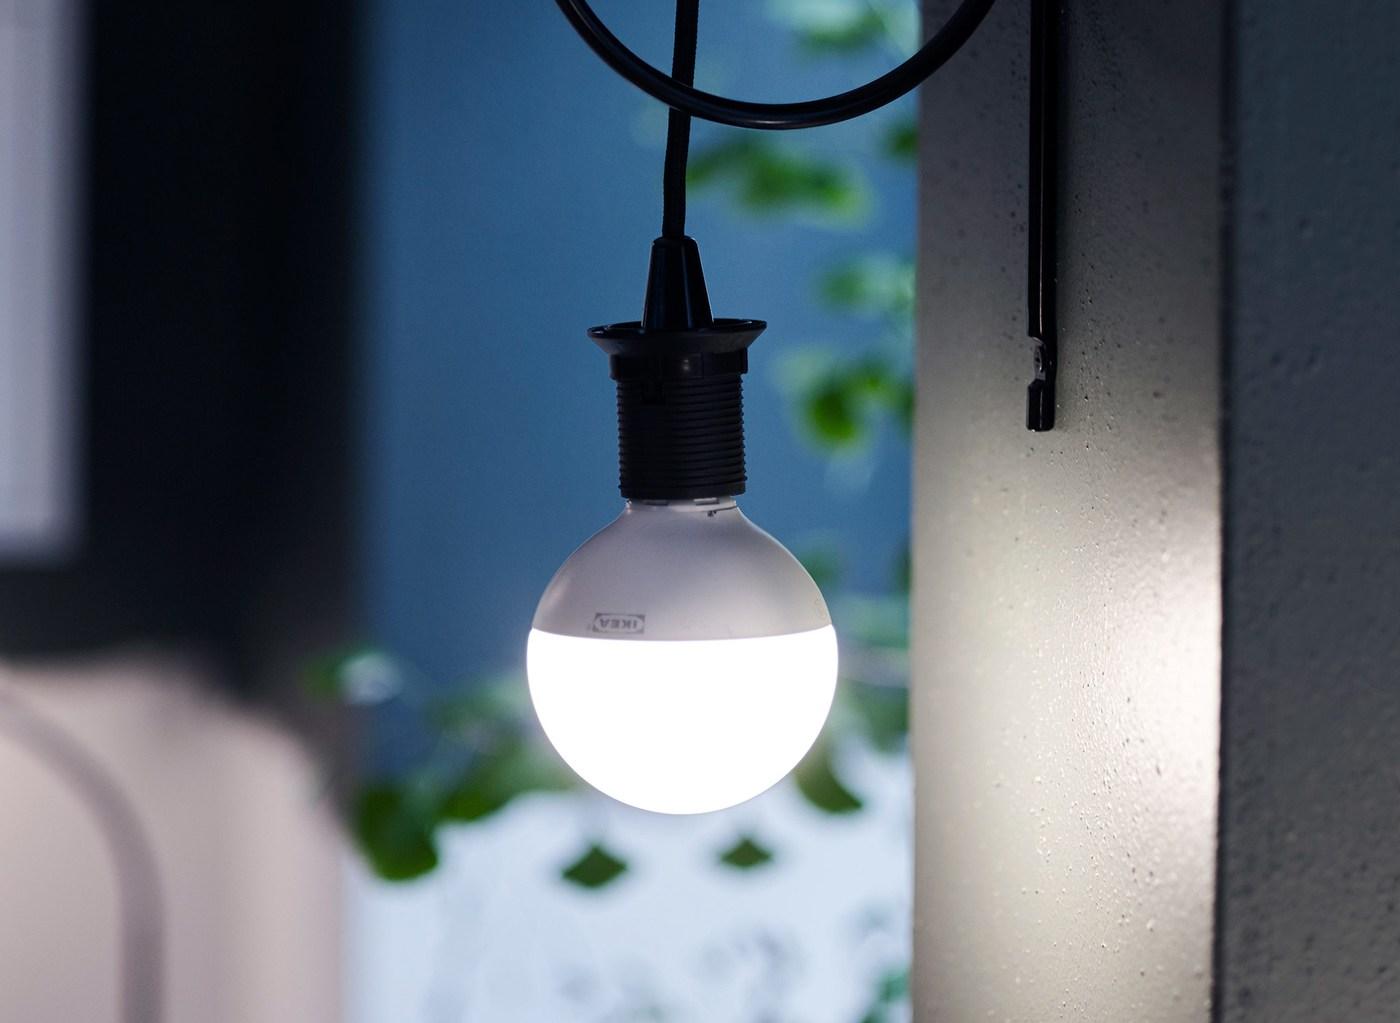 ダークブルーの壁をバックに、ブラックのコードでつるしたLED電球。